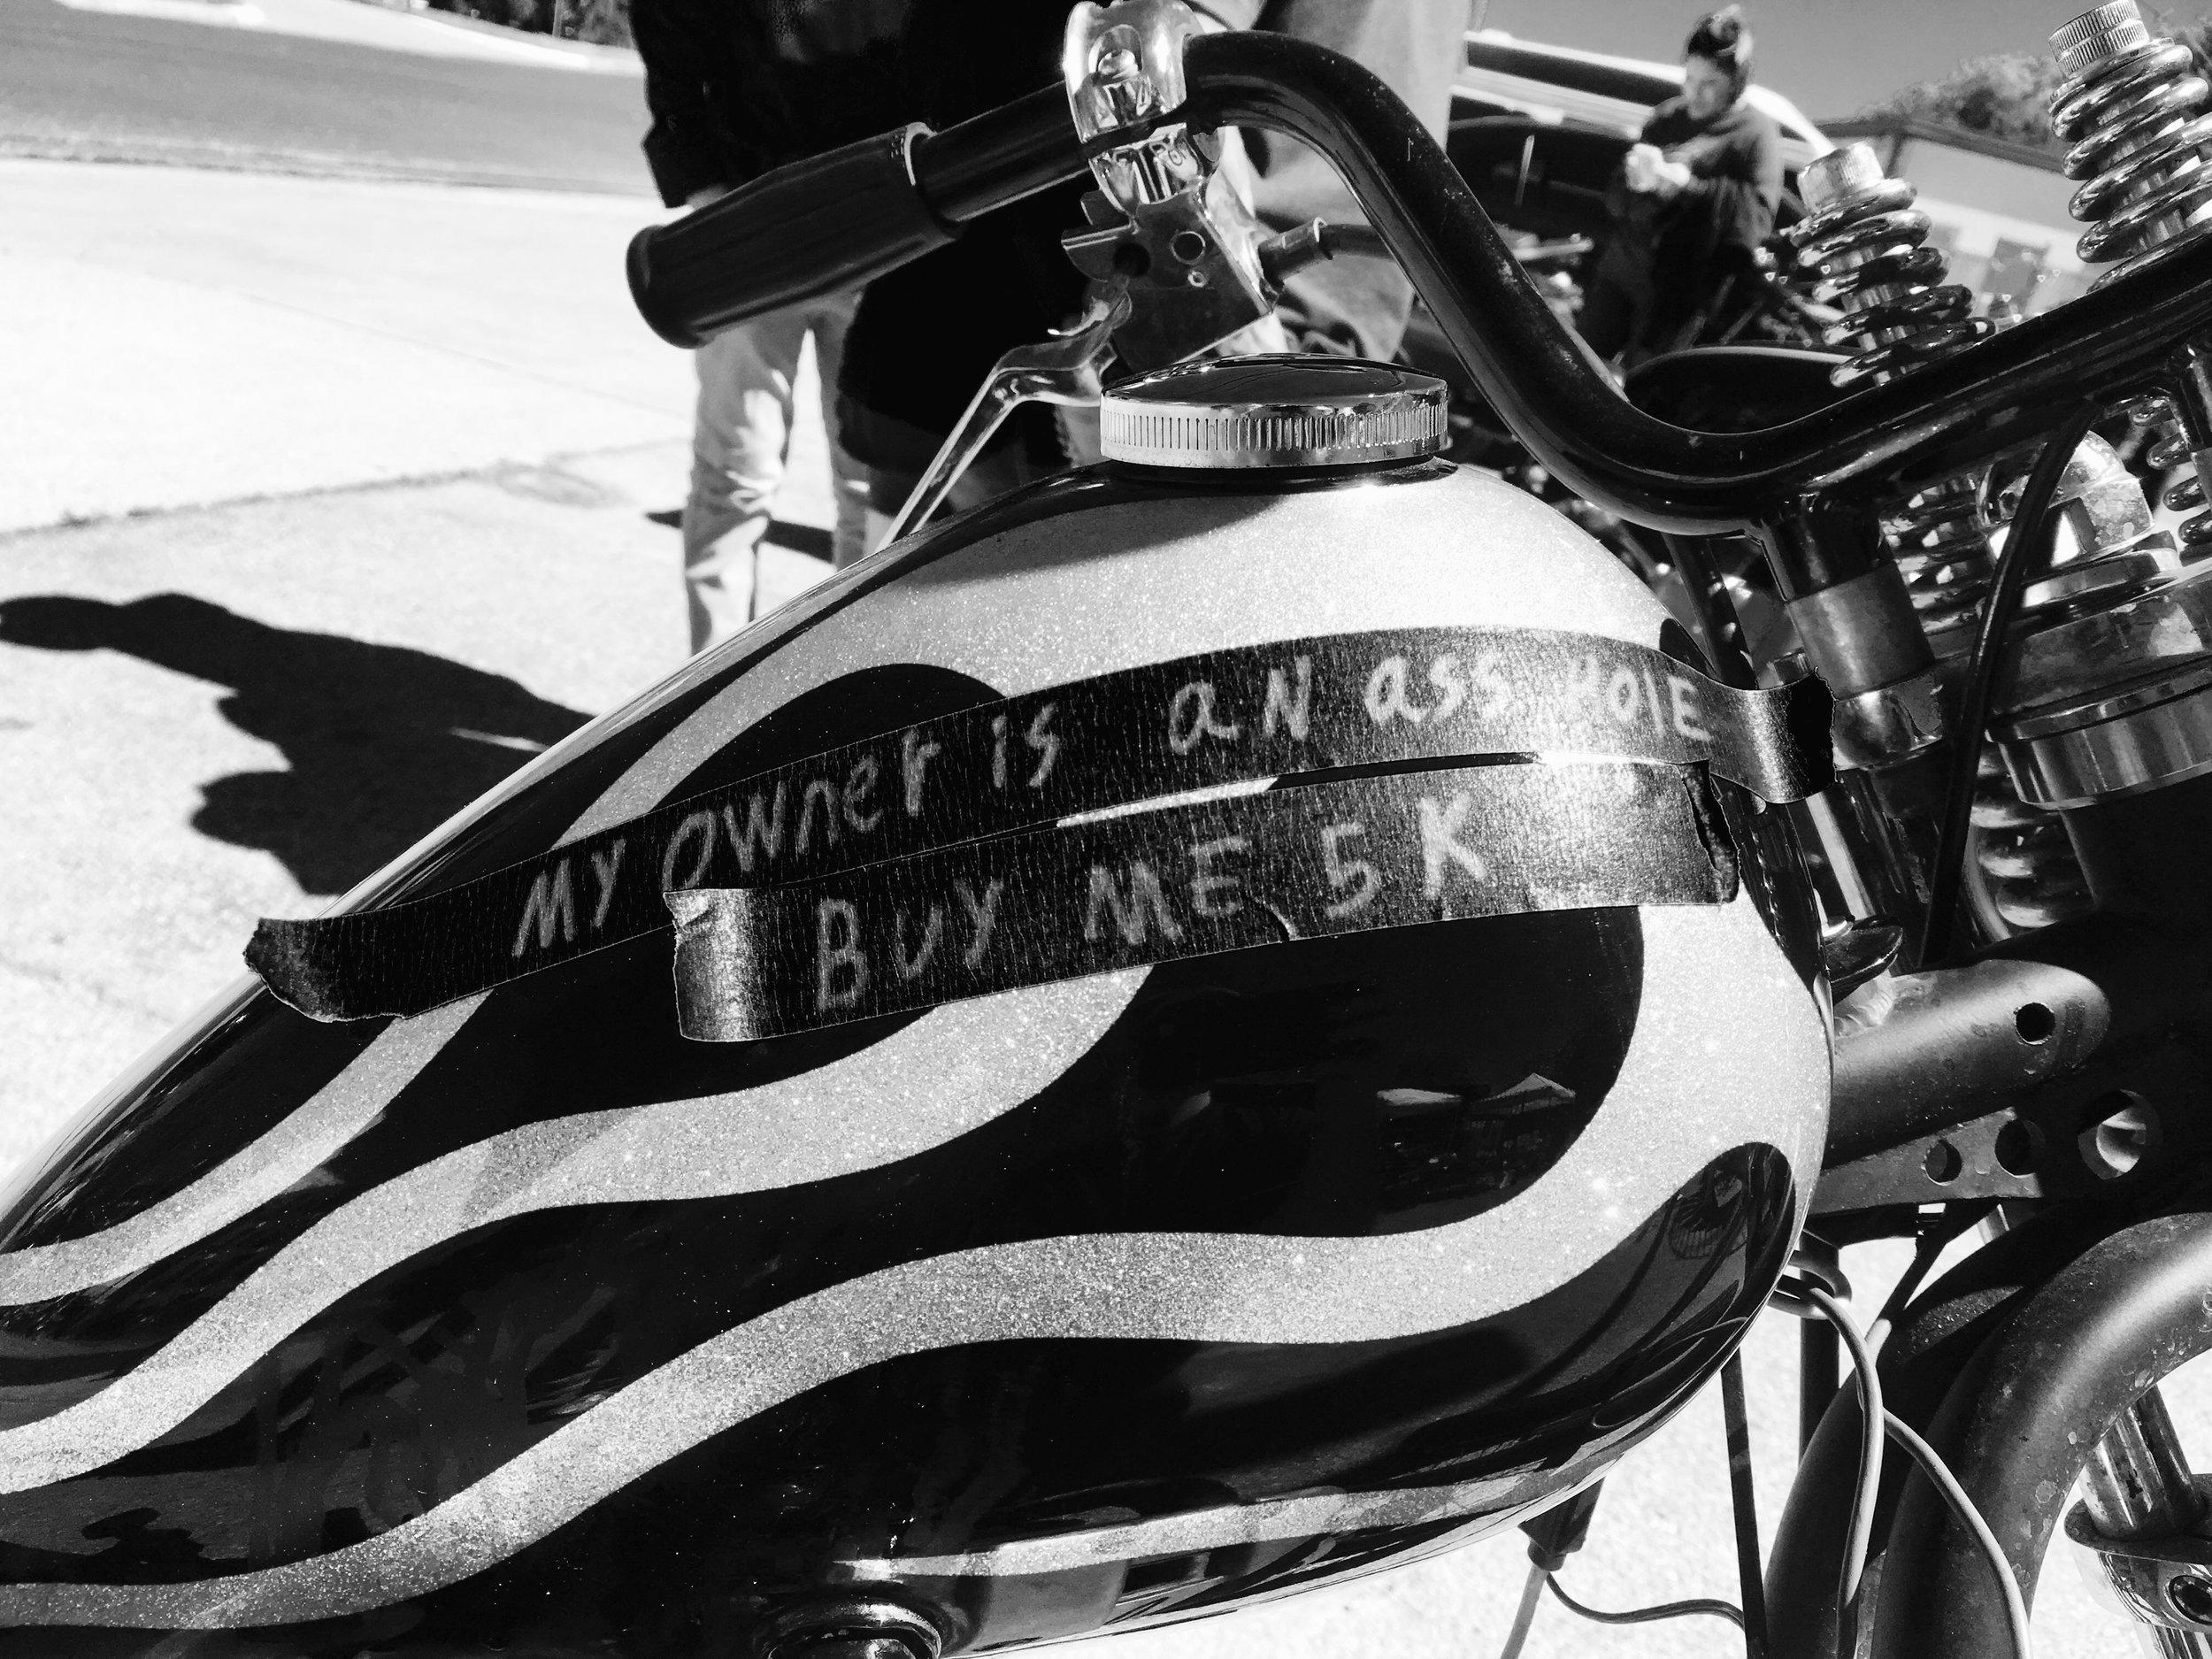 flash_motorbikes_swap_meet-2151.jpg